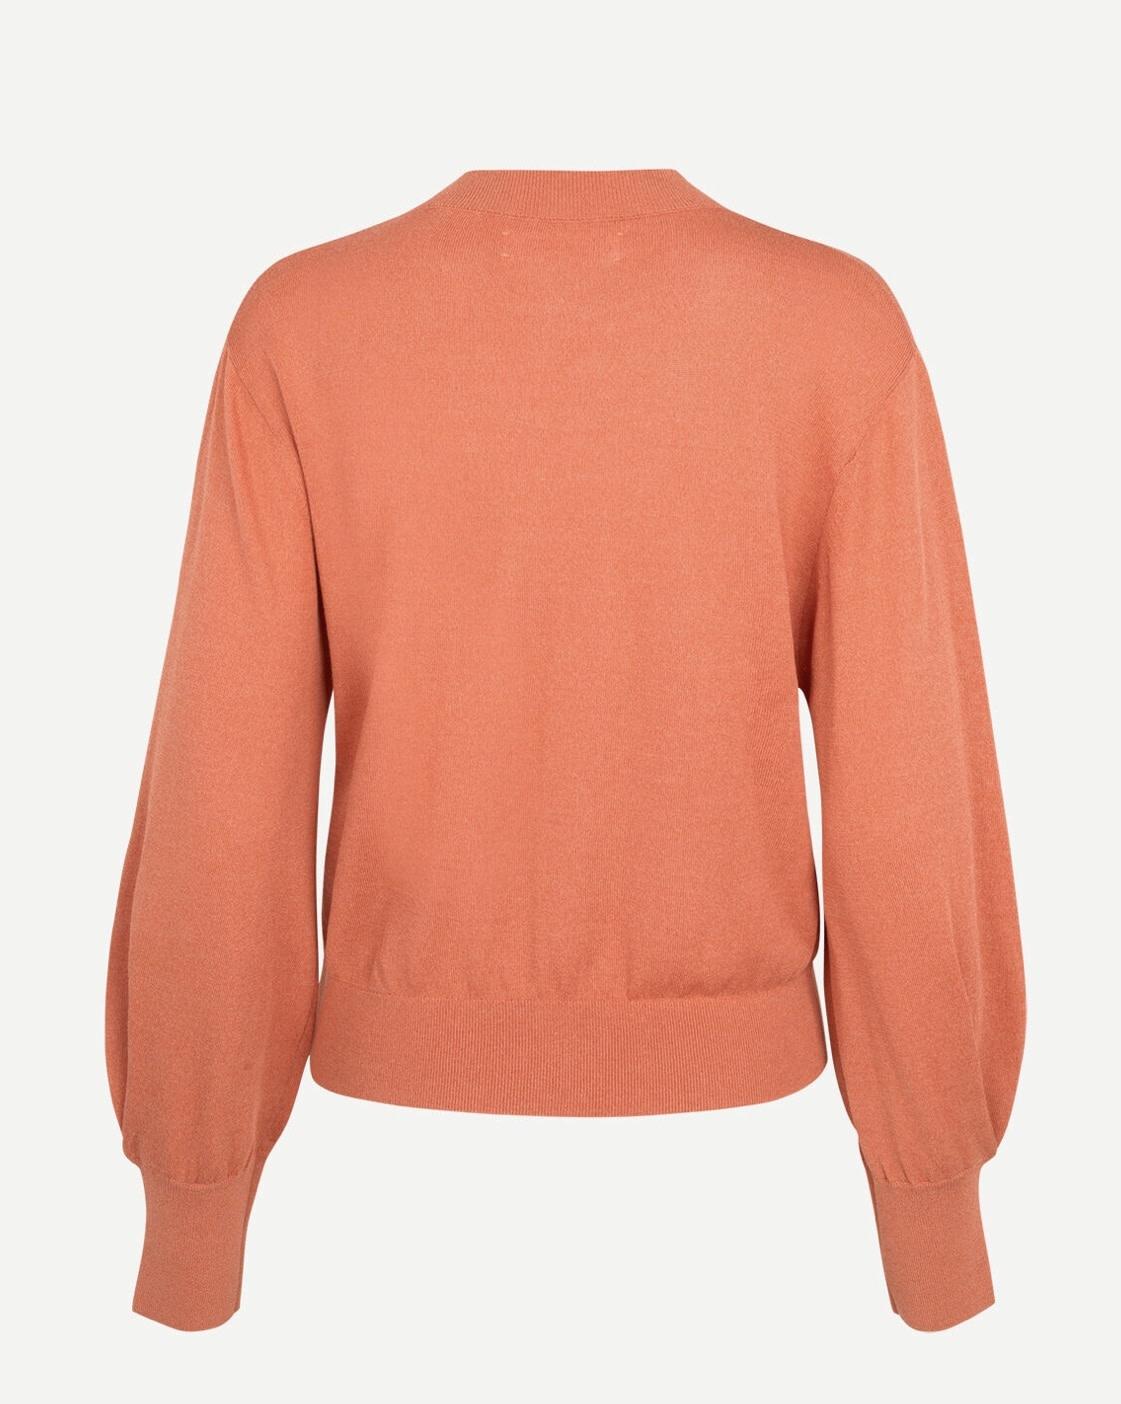 Dida mock sweater Samsoe Samsoe-2